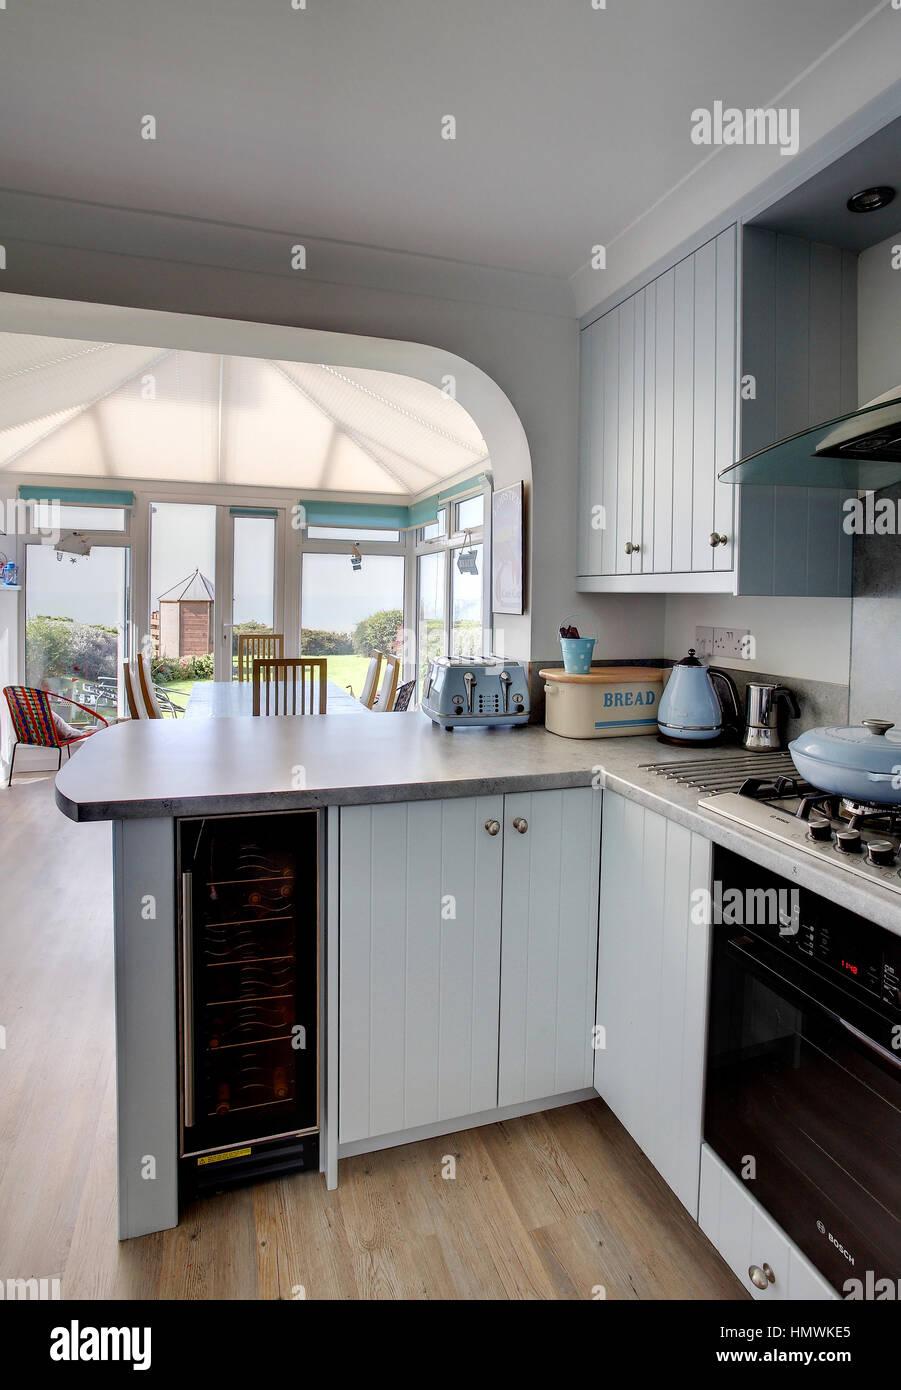 Ungewöhnlich Enteei Blaue Farbe Für Küchenschränke Ideen - Ideen Für ...